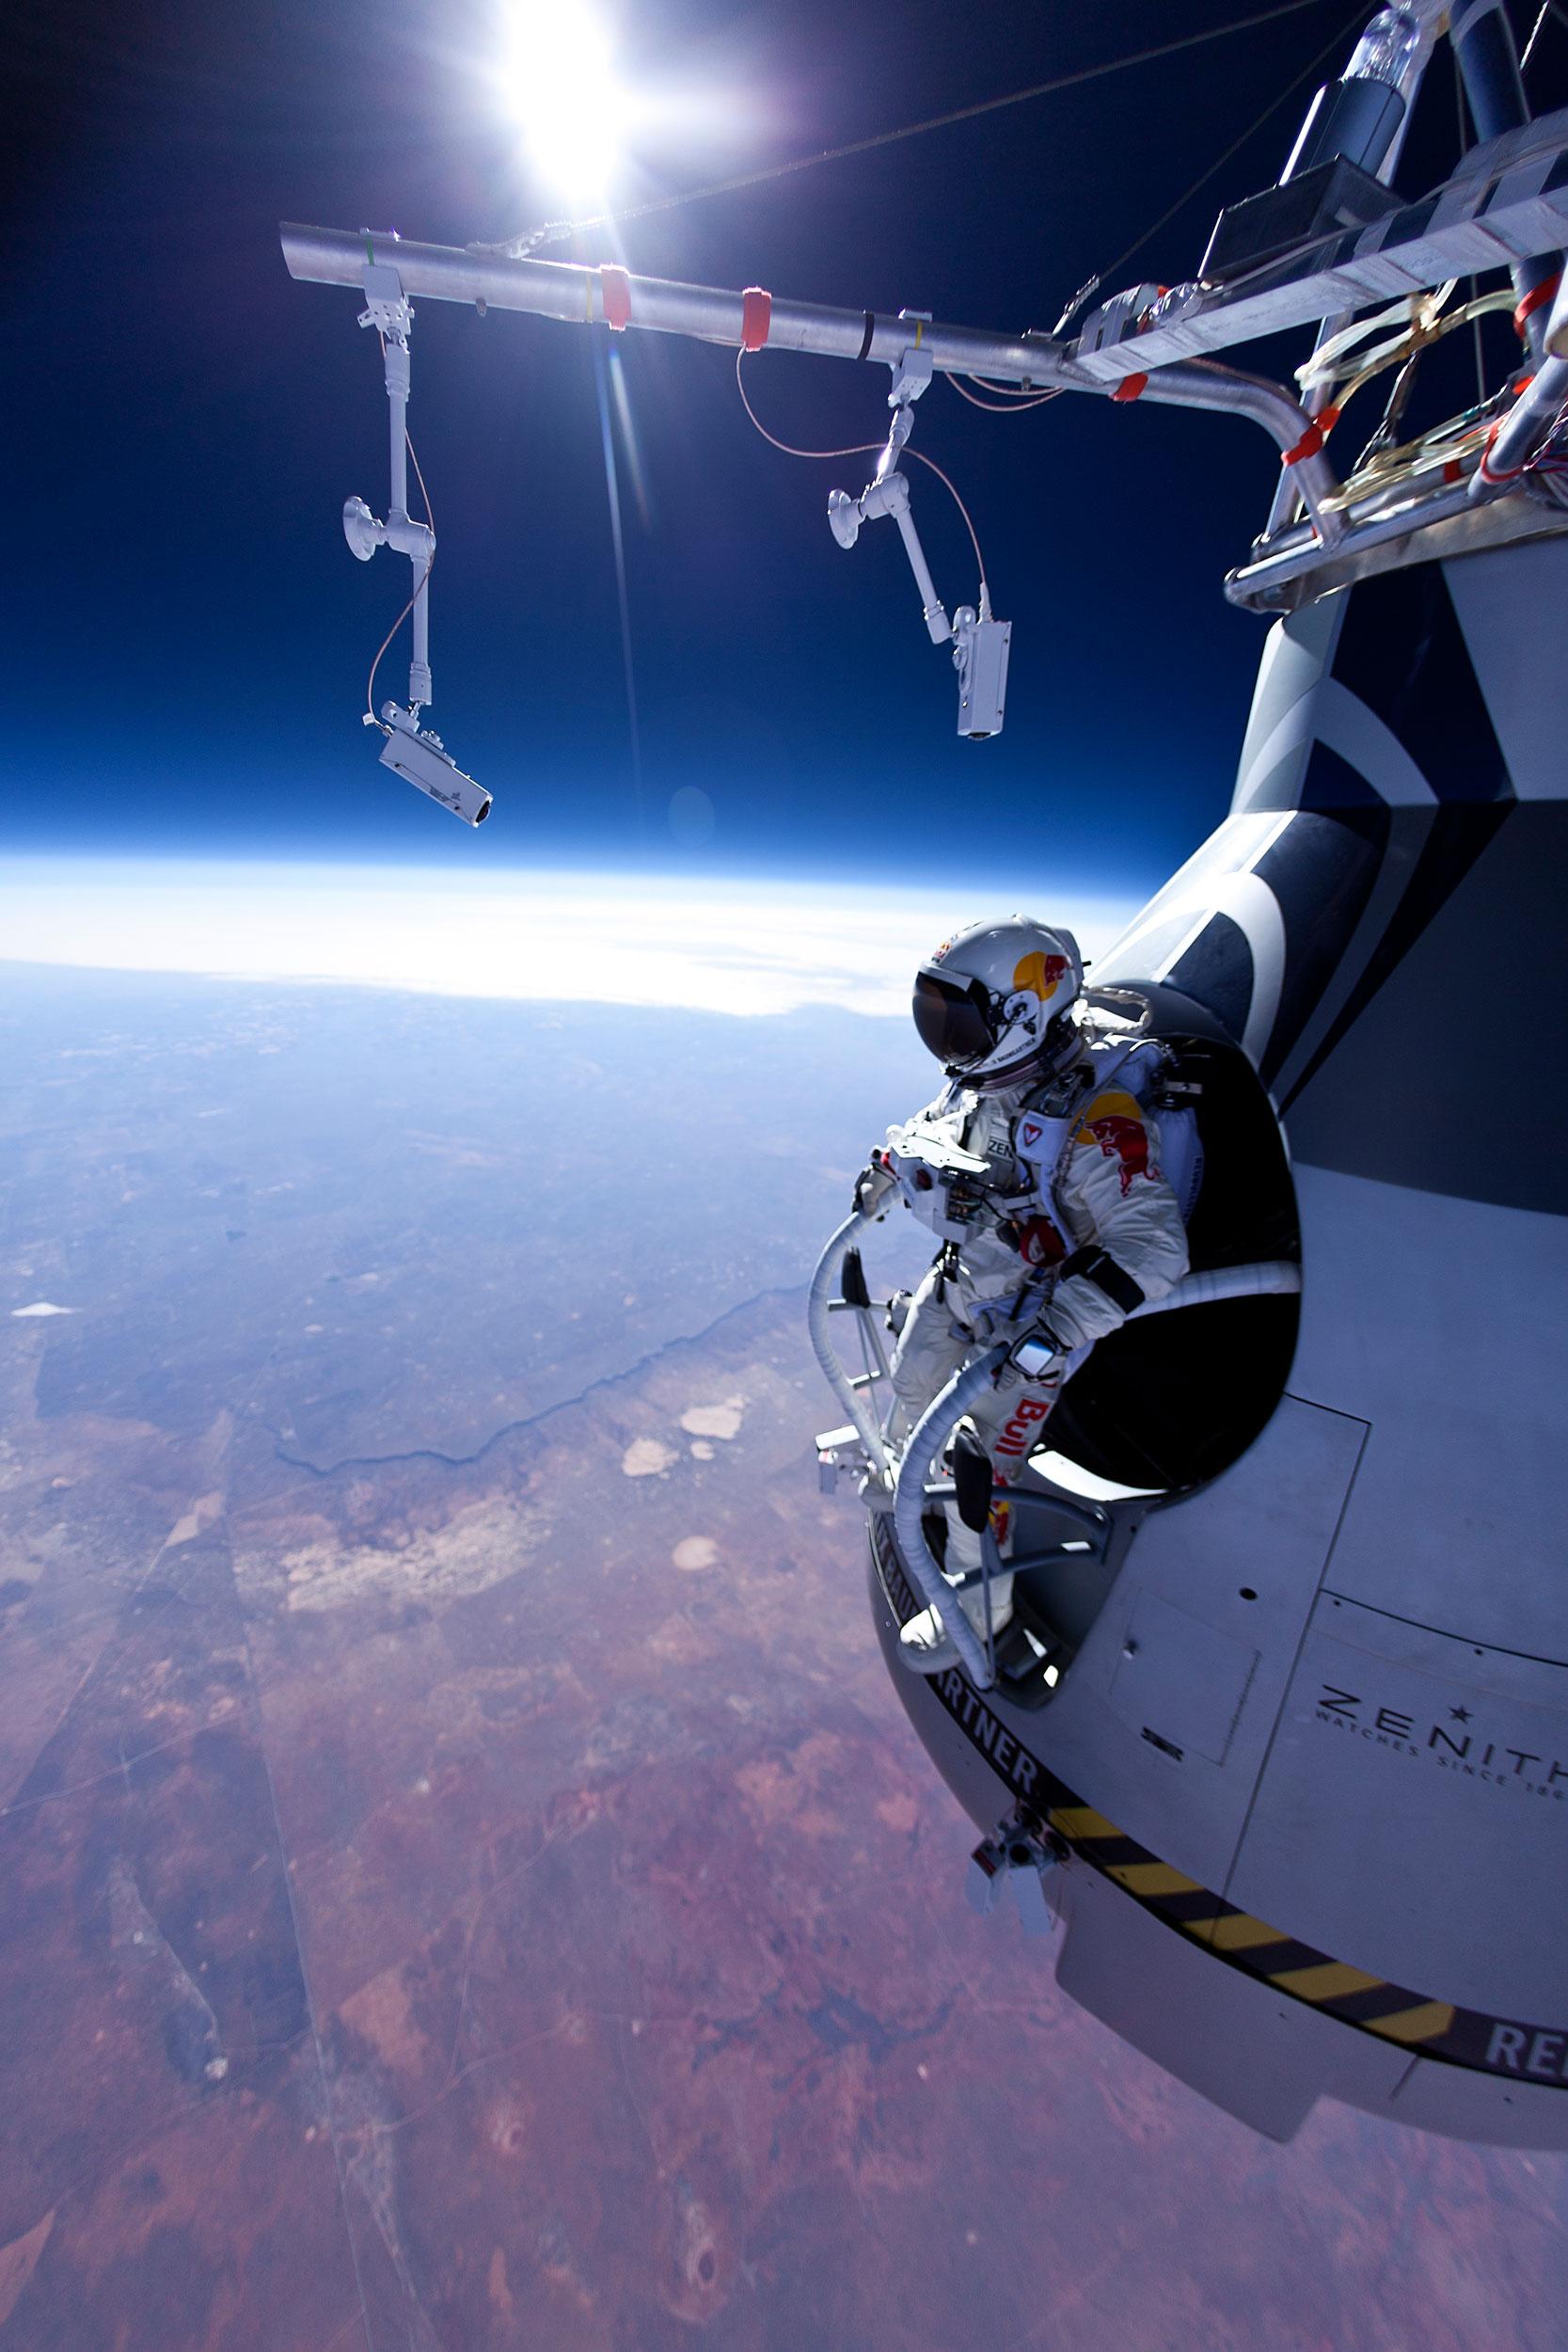 Sigue en directo el salto de Félix Baumgartner desde la estratosfera